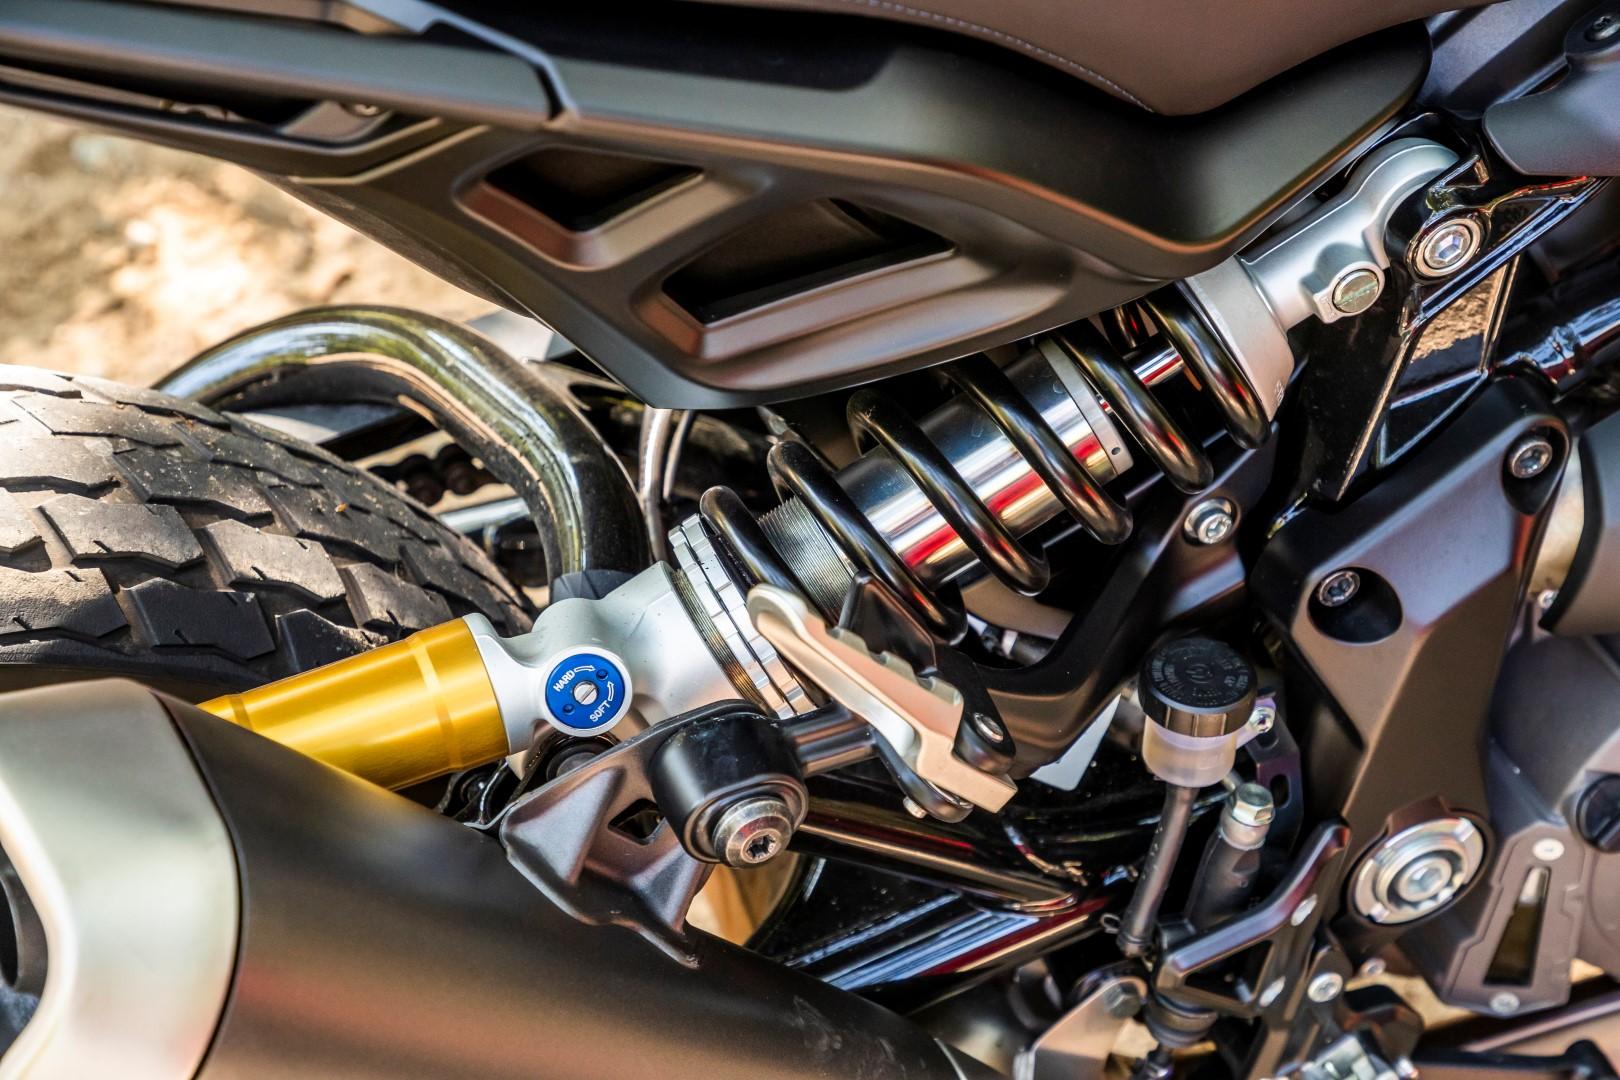 El basculante tubular es una de las señas de identidad de este modelo y tiene anclado en su lateral derecho el amortiguador Sachs de botella separada y totalmente regulable con suma facilidad.